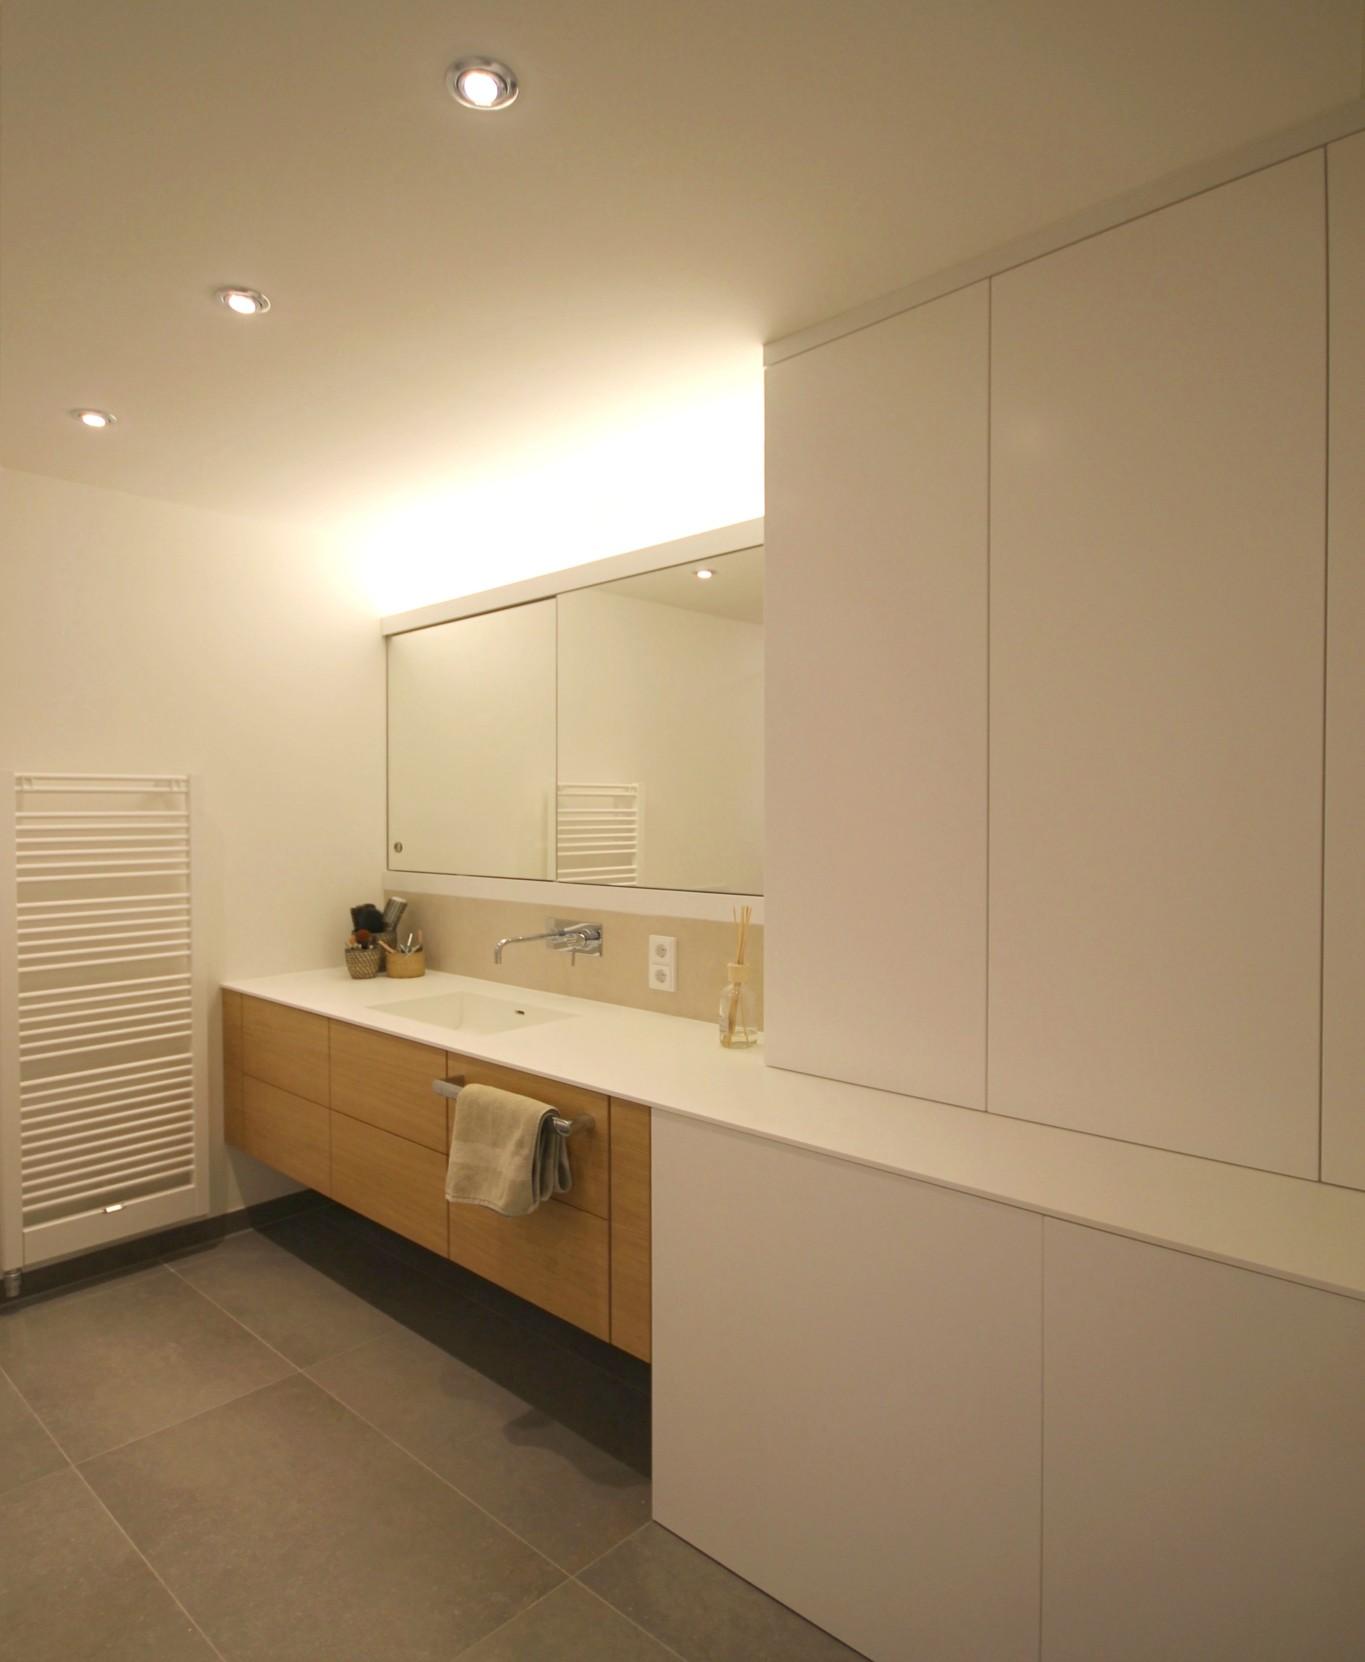 eswerderaum innenarchitekt m nchen bad eswerderaum. Black Bedroom Furniture Sets. Home Design Ideas